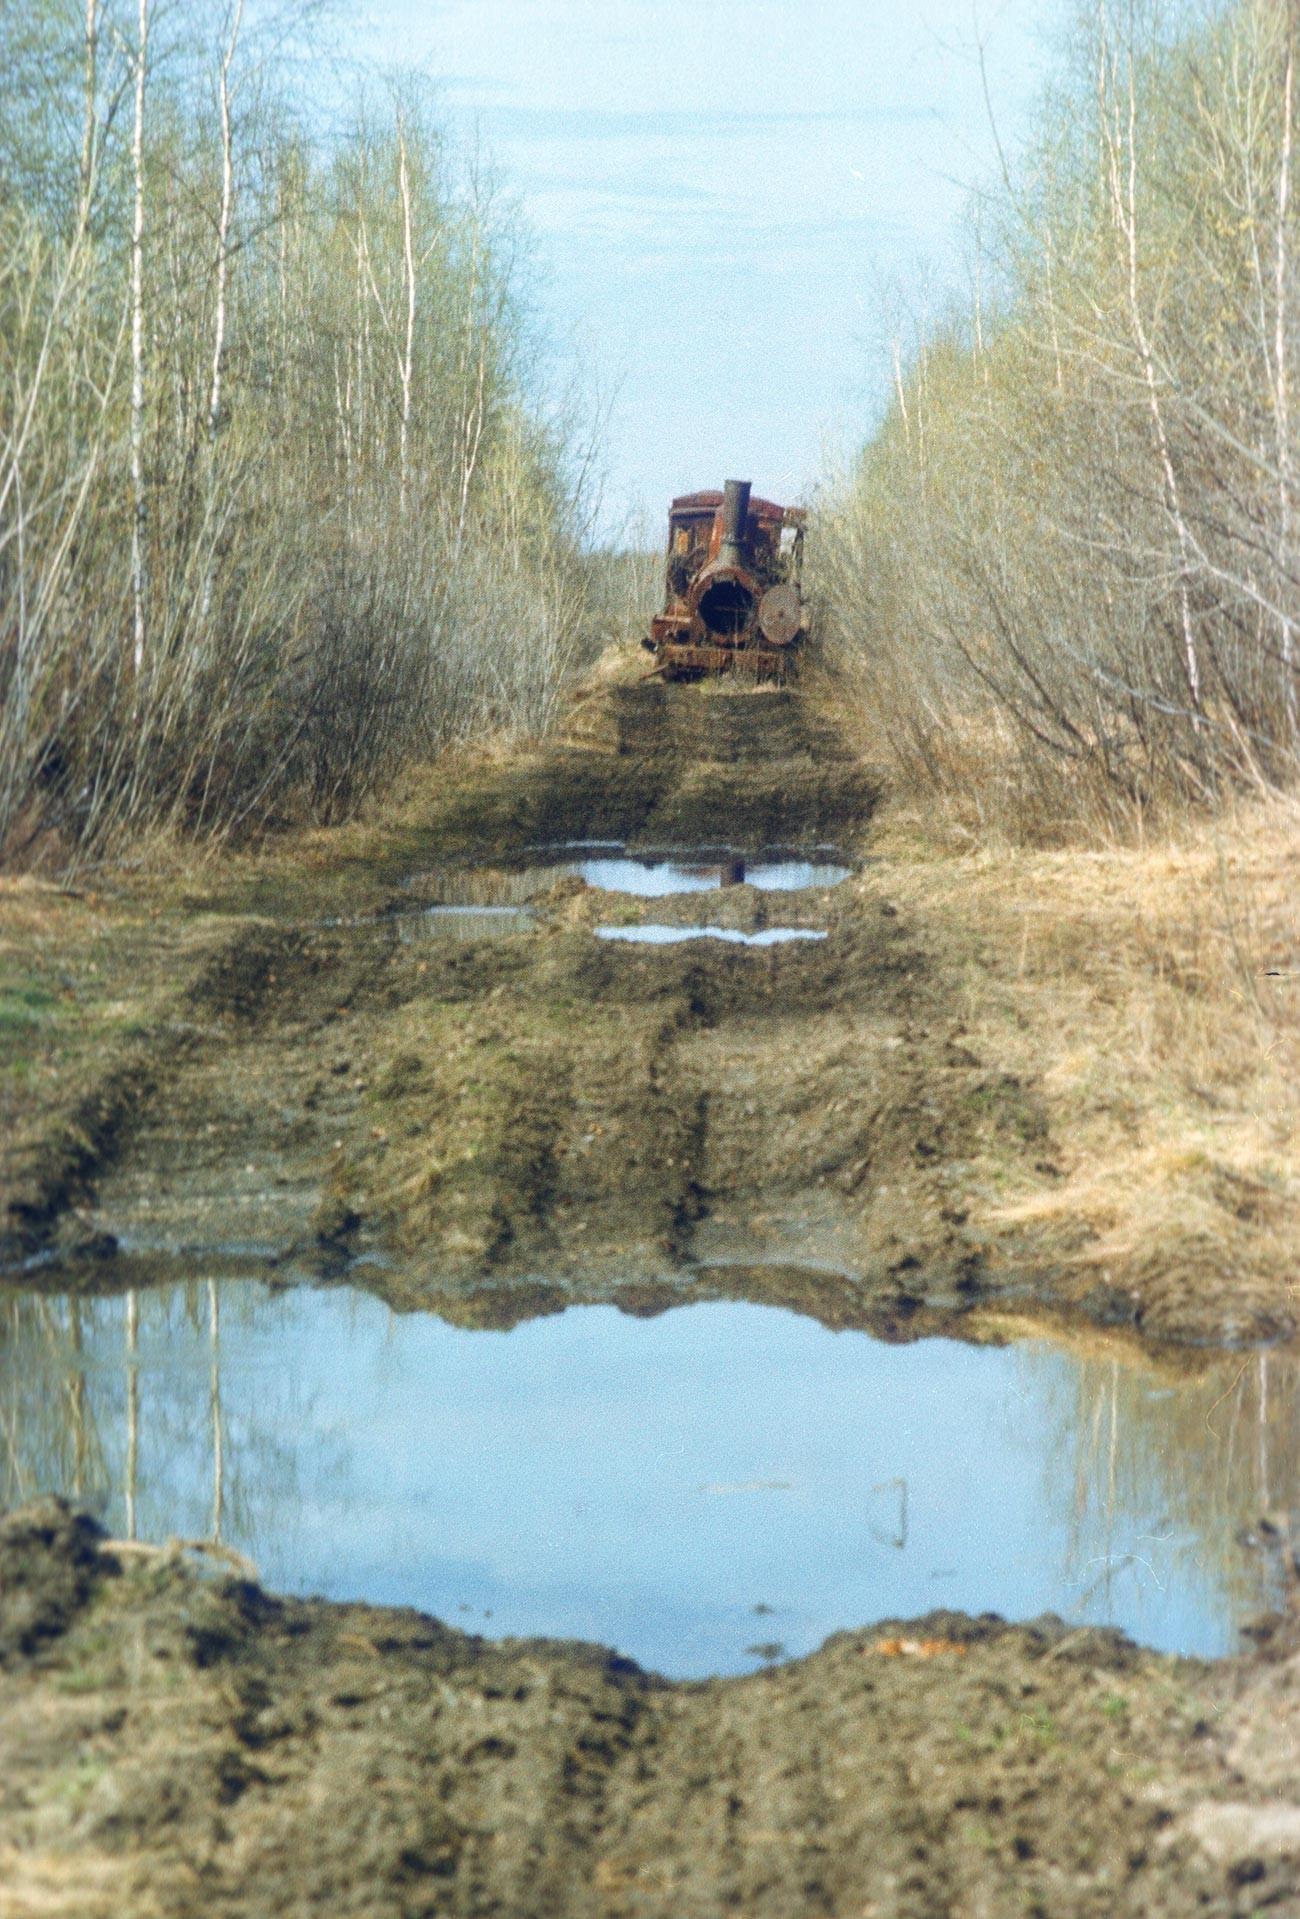 Sovjetsko rukovodstvo je 1949. godine odlučilo napraviti polarnu prugu od Igarke do Saleharda ukupne dužine 1263 km.